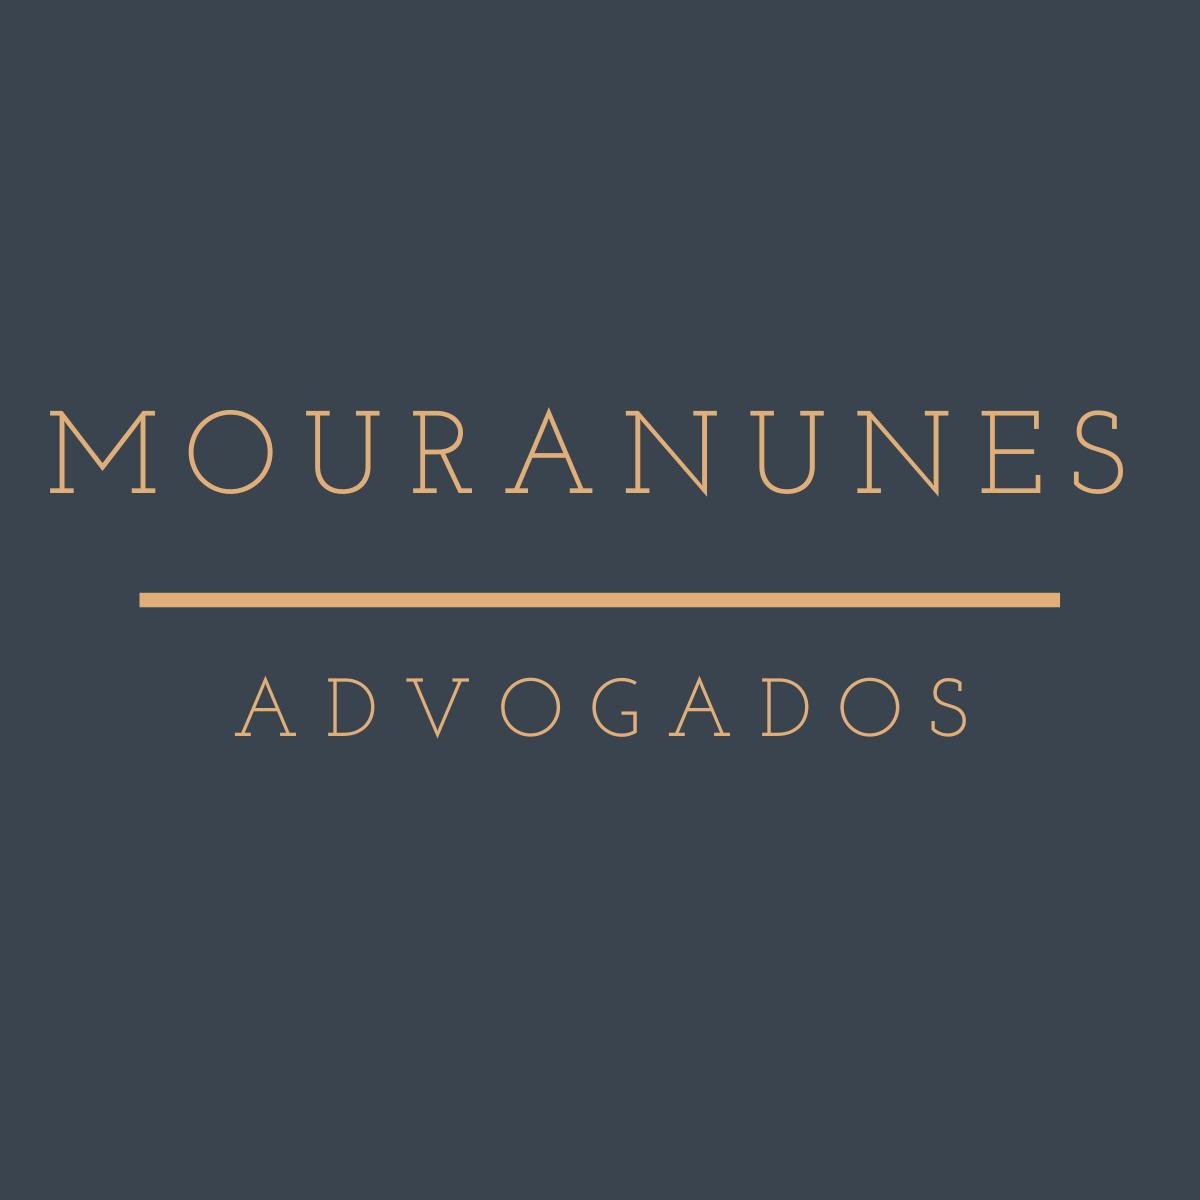 Moura Nunes Advogados